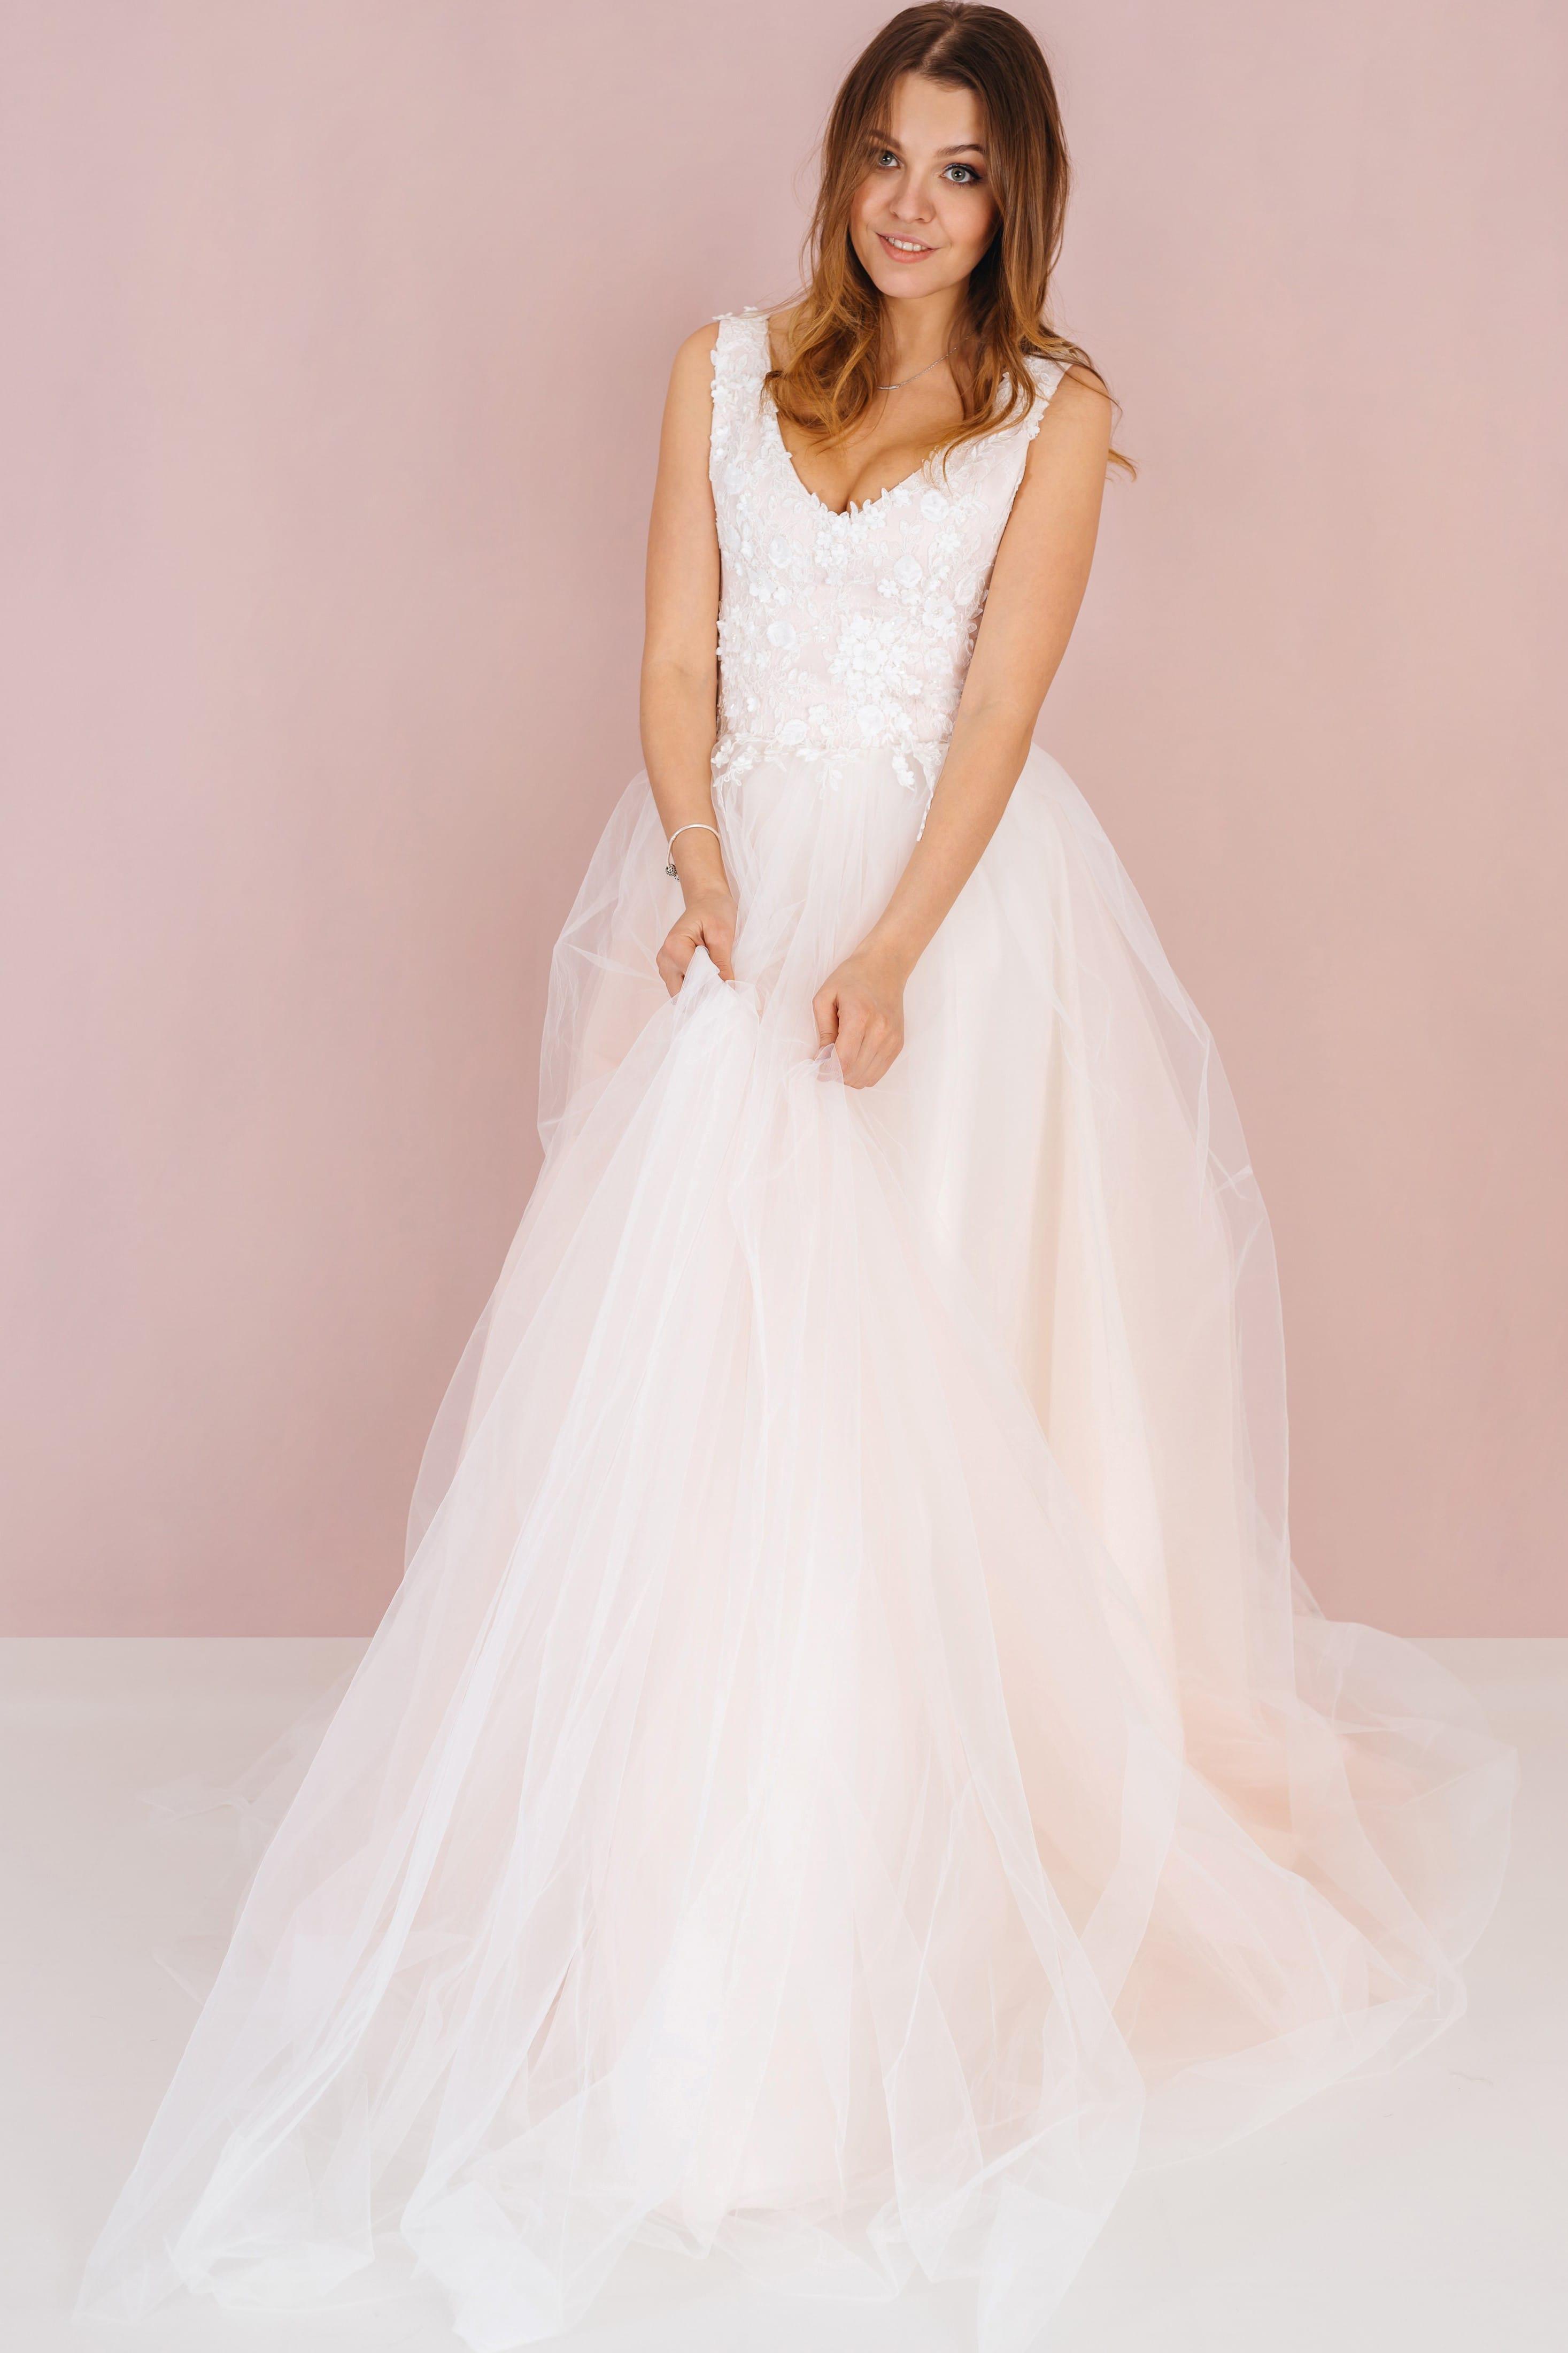 Свадебное платье LASSIE, коллекция LOFT, бренд RARE BRIDAL, фото 4